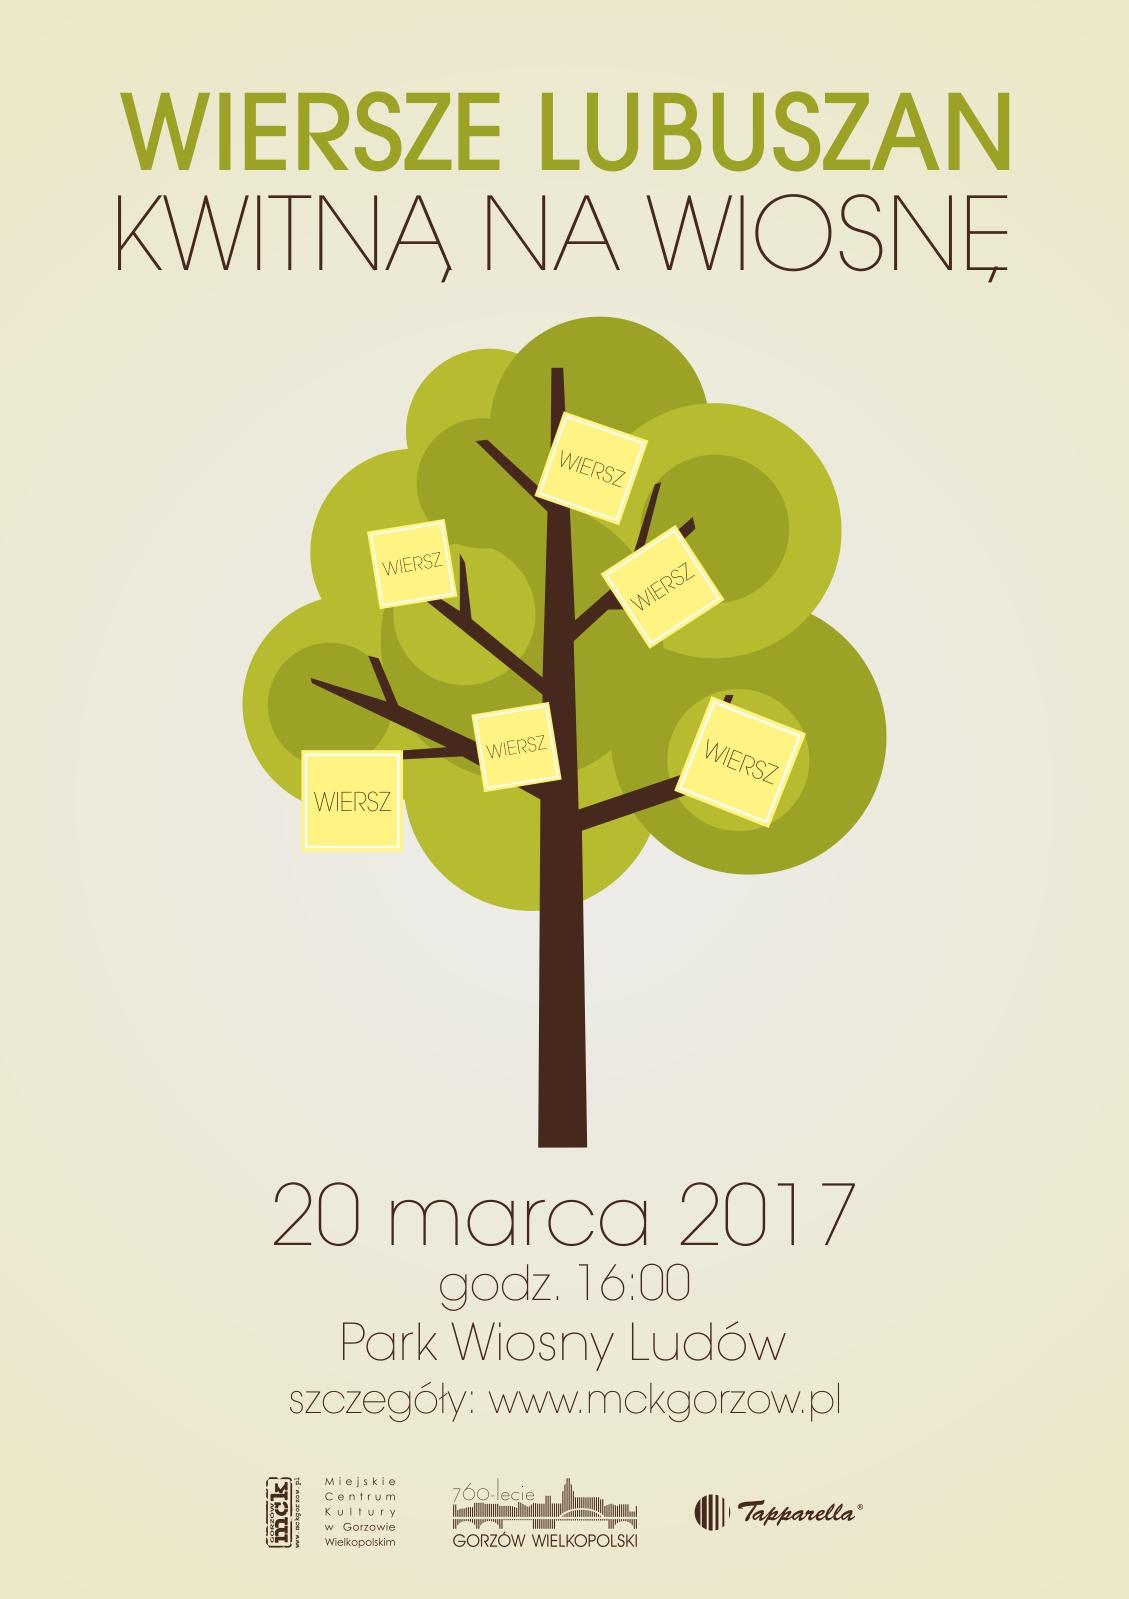 Wiersze Lubuszan Kwitną Na Wiosnę Miejskie Centrum Kultury